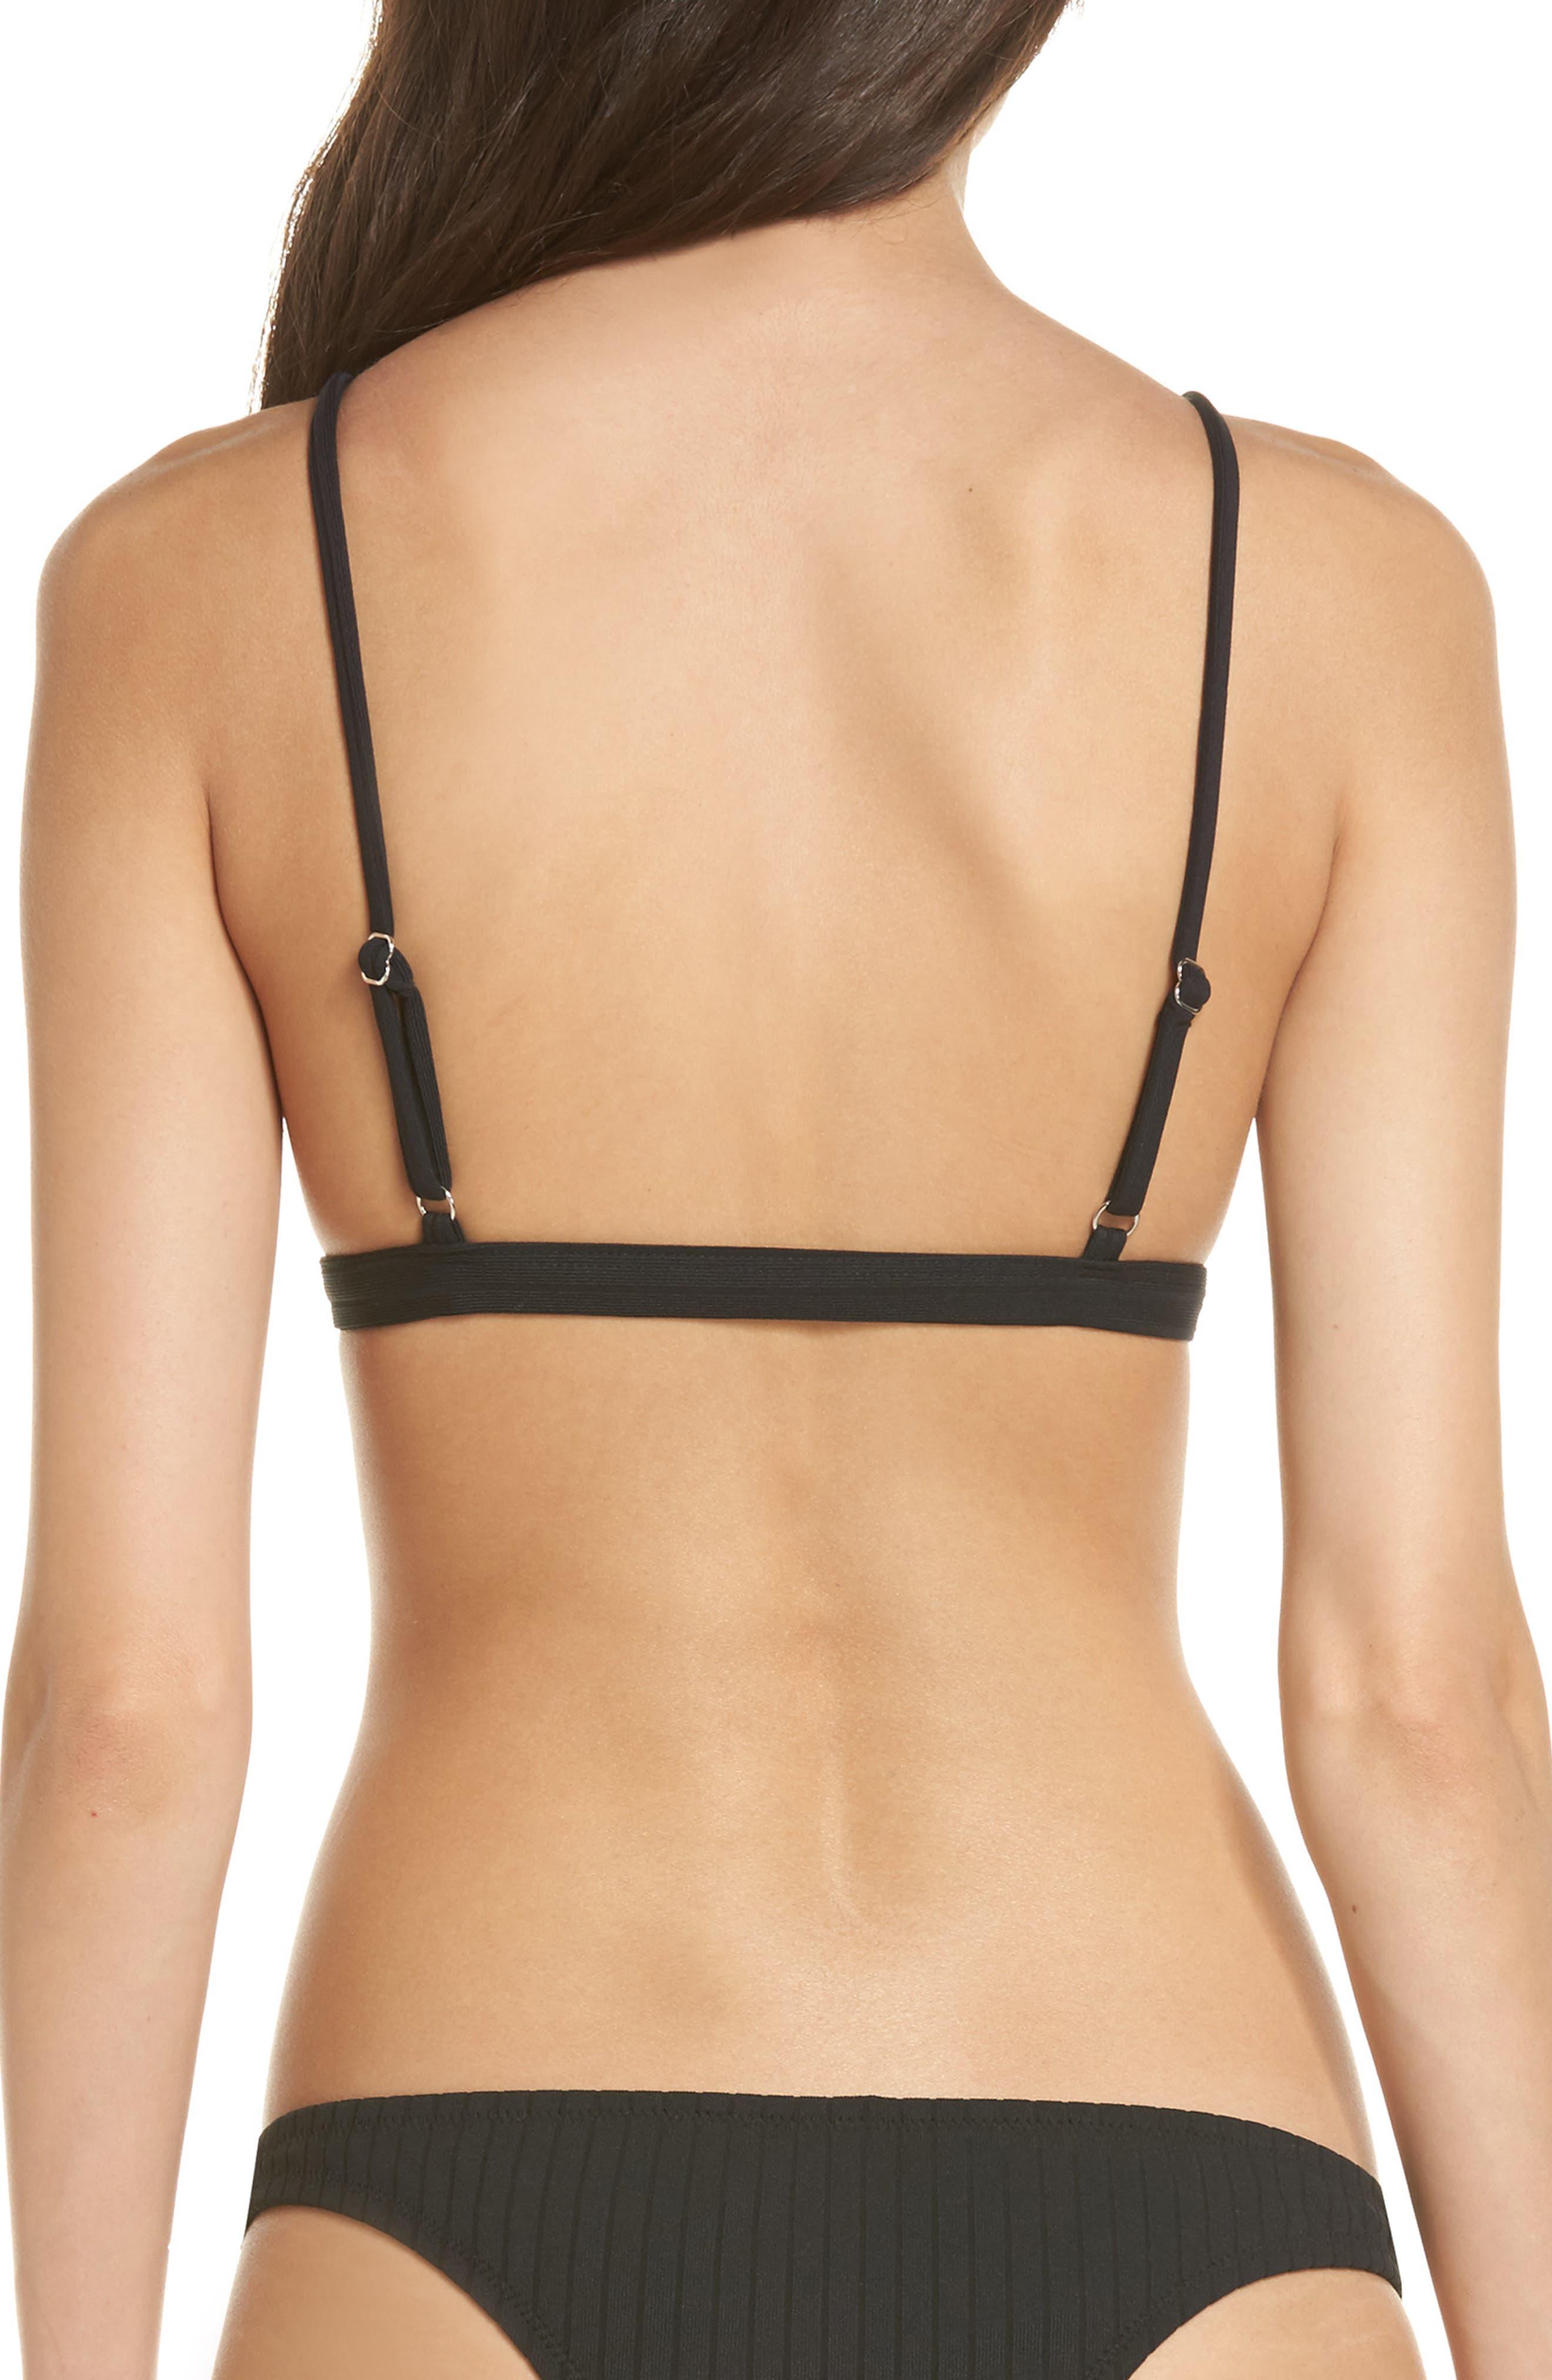 Hermosa Bikini Top,                             Alternate thumbnail 2, color,                             Black Rib